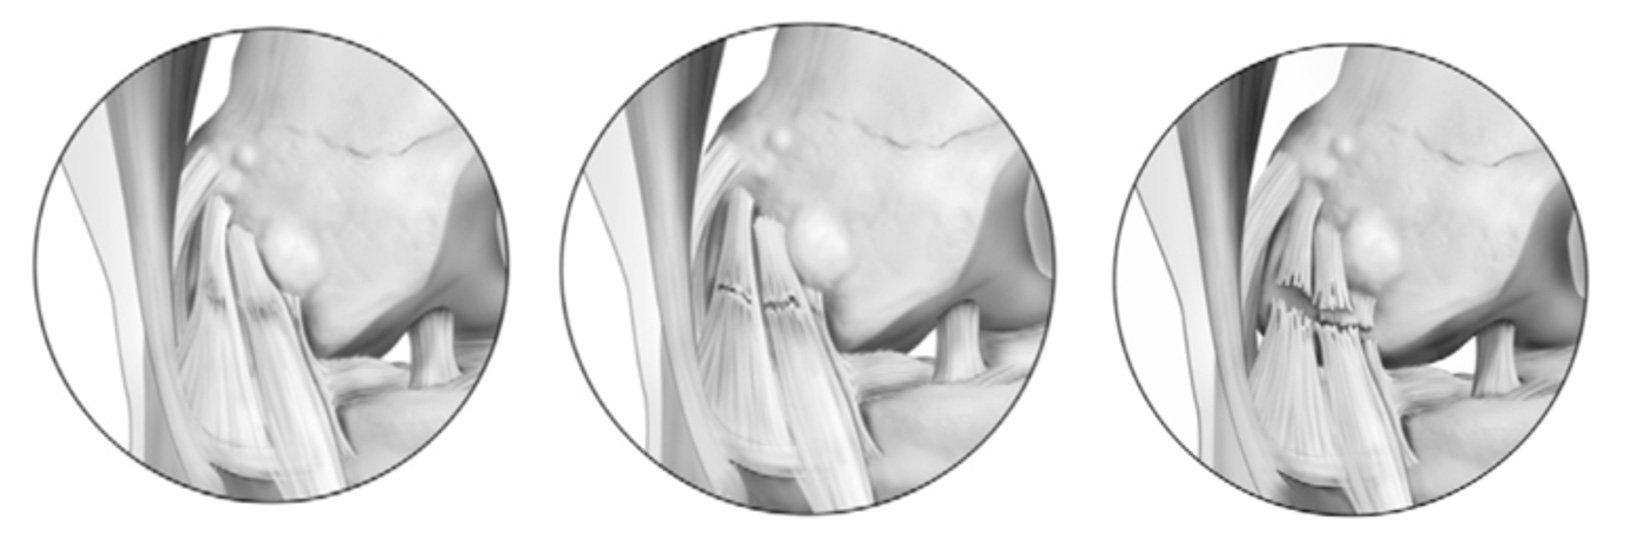 Graus de lesão ligamentar   Dr. Pedro Giglio